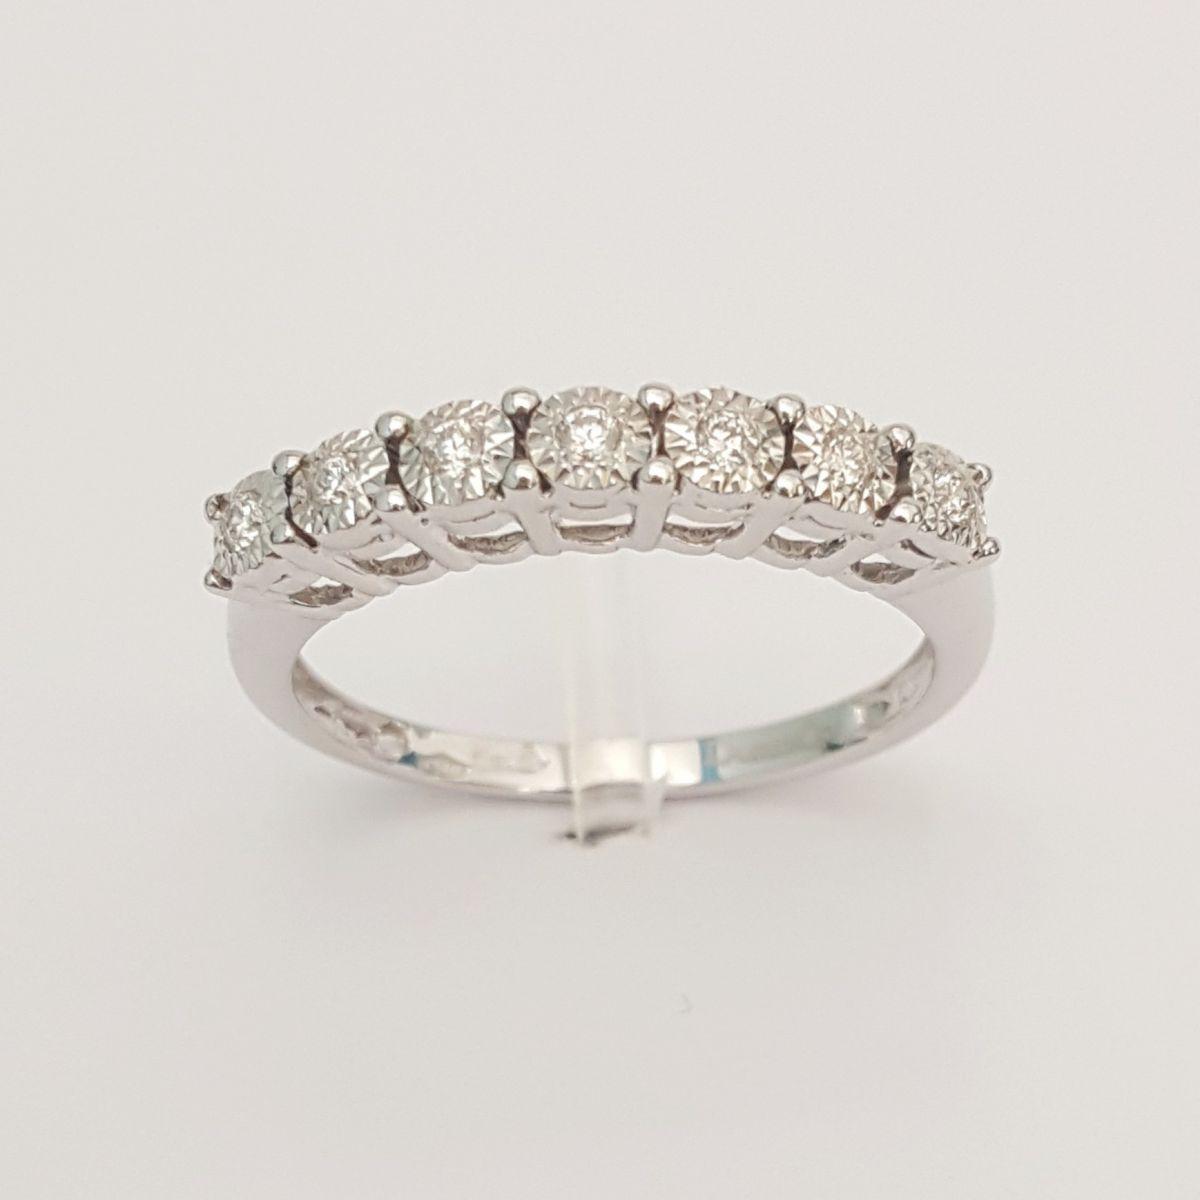 Anello Veretta DonnaOro DKAV2406.012 in Oro Bianco e Diamanti